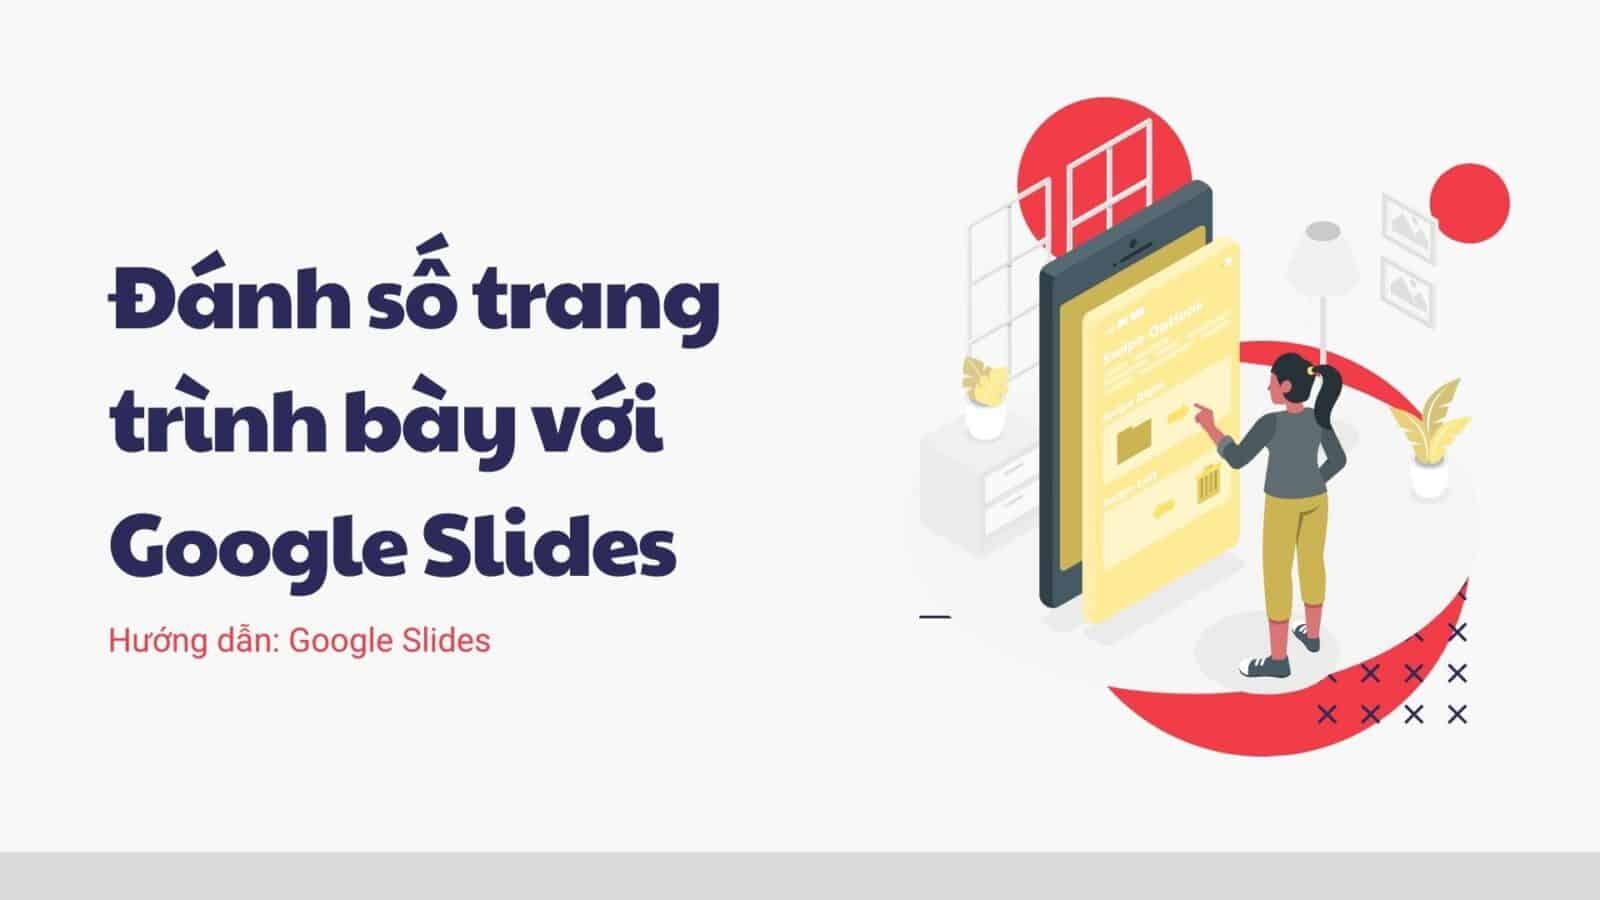 Đánh số trang trình bày với Google Slides